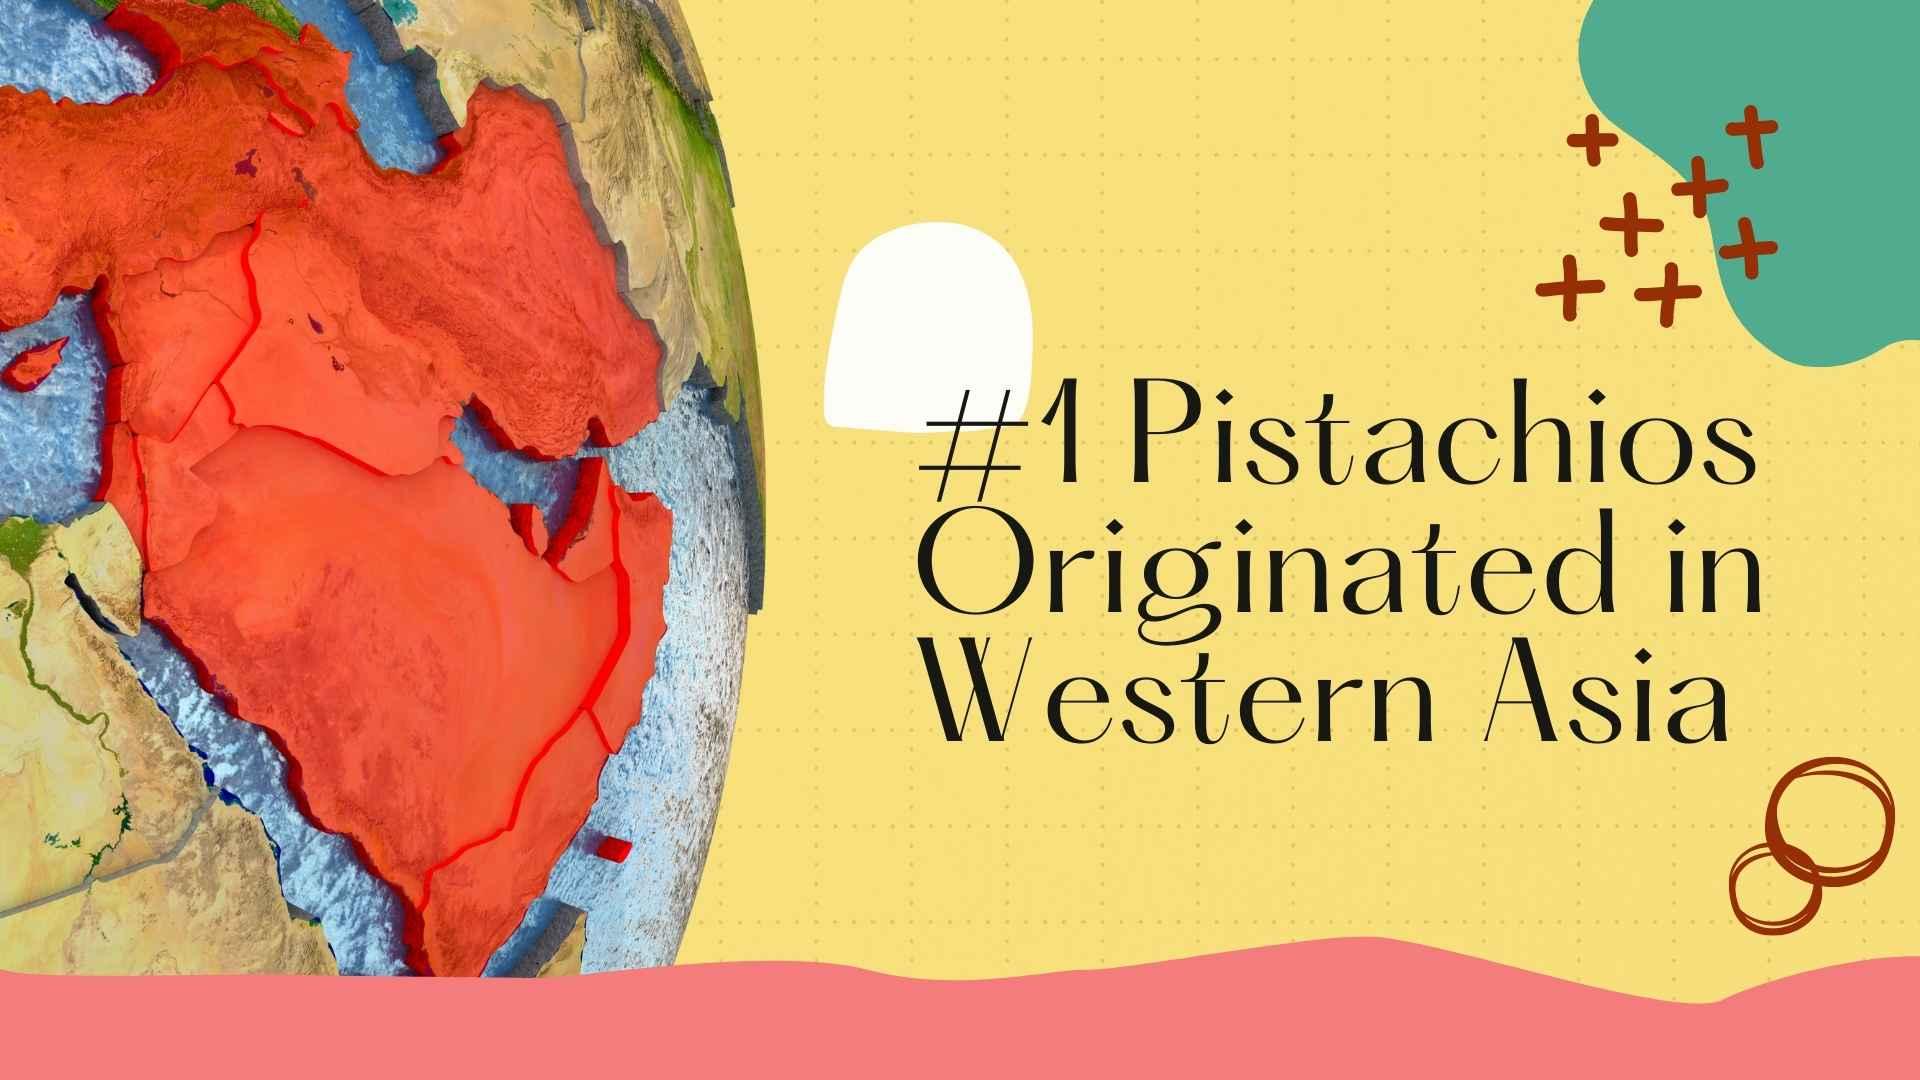 pistachios originated in western asia